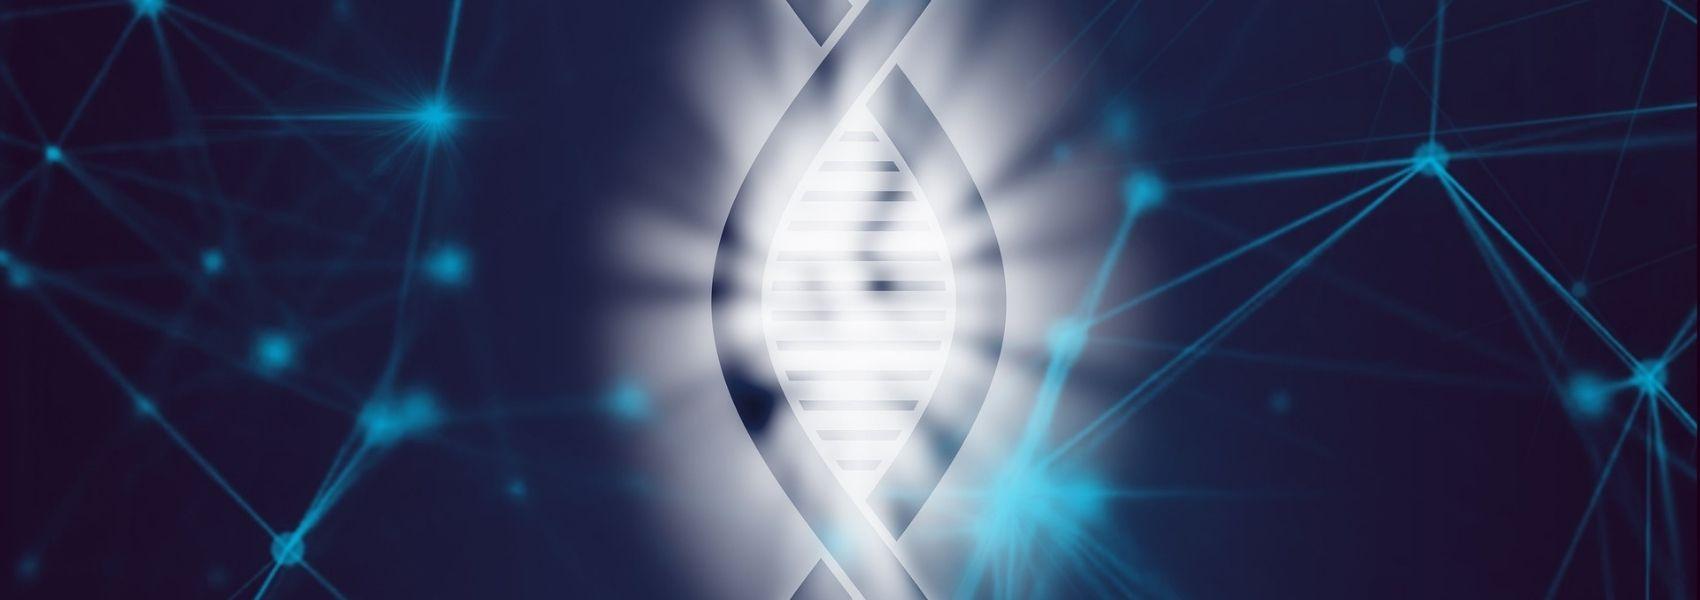 Inovação no tratamento das doenças raras em discussão